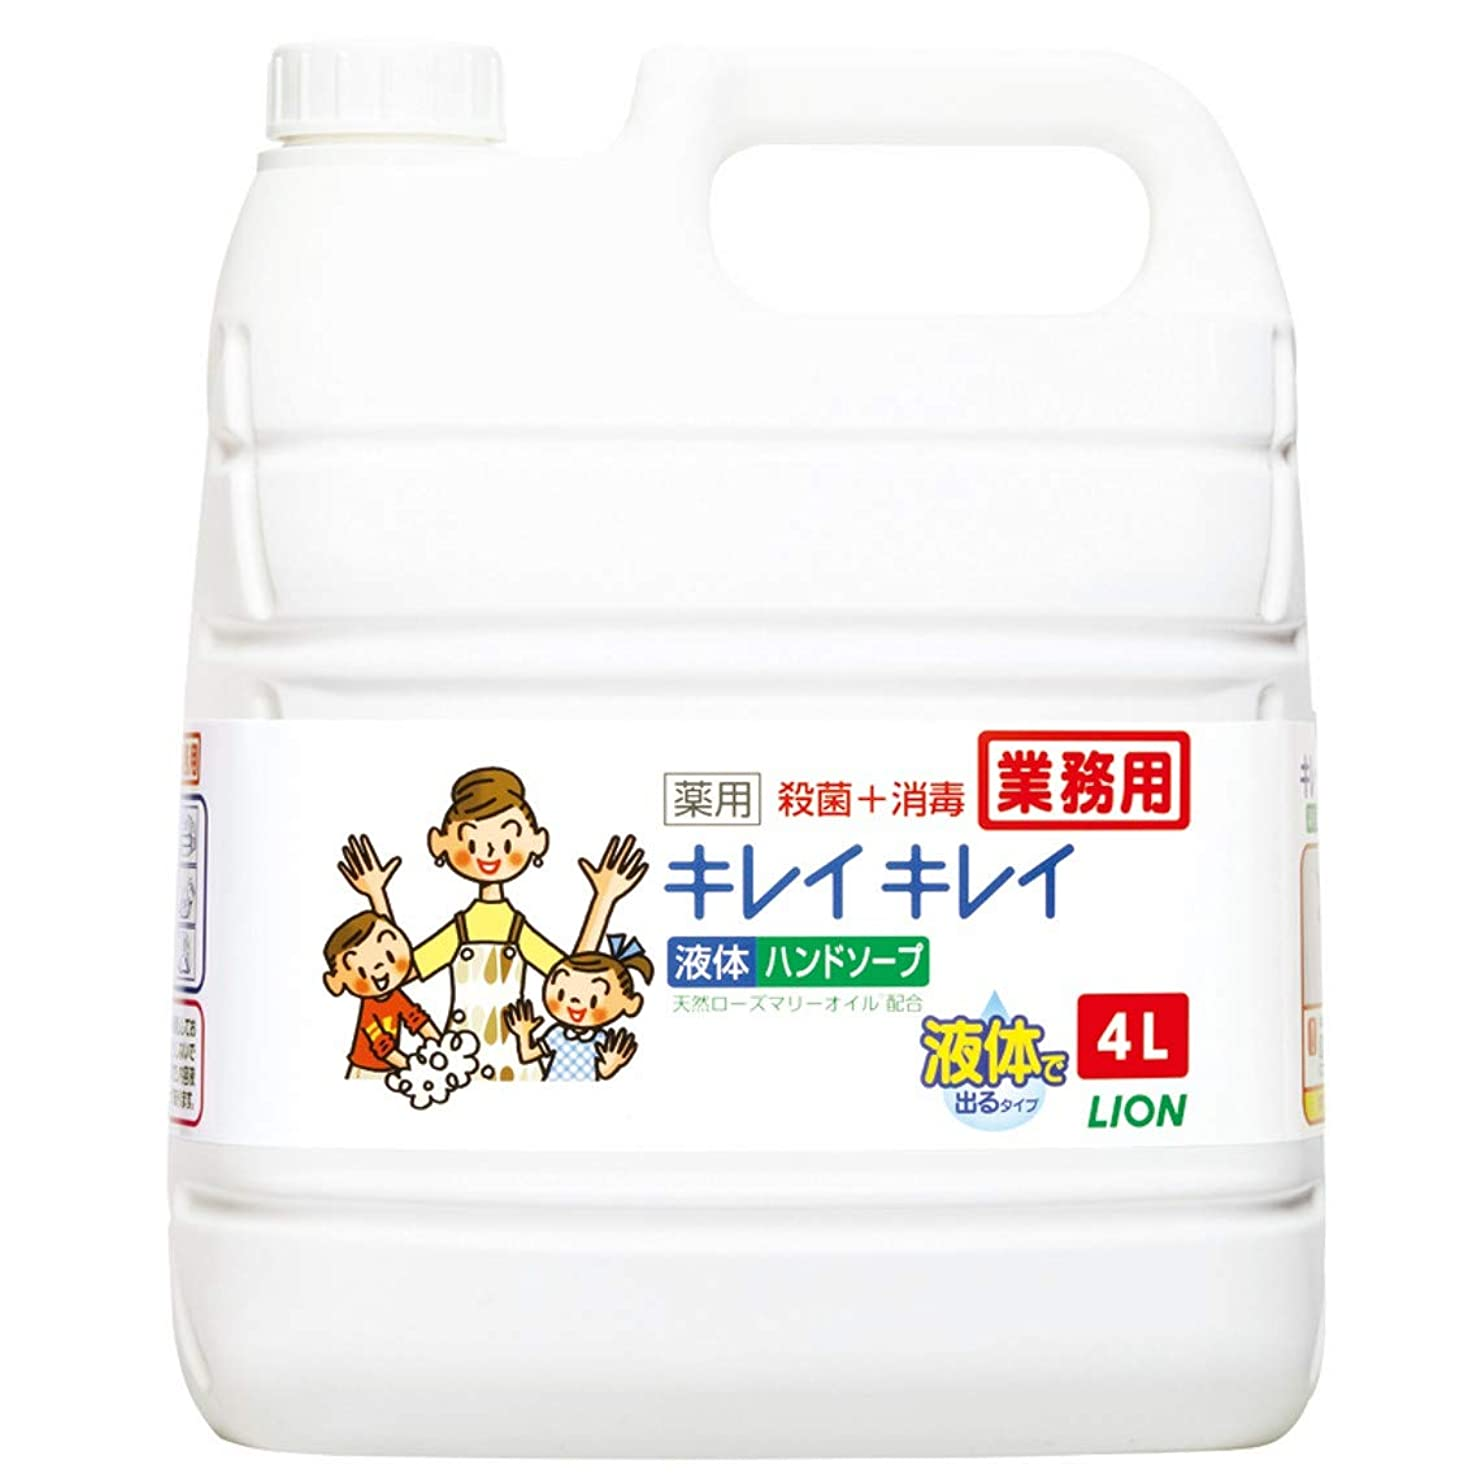 堀ヘルパースキニー【業務用 大容量】キレイキレイ 薬用 ハンドソープ? 4L(医薬部外品)